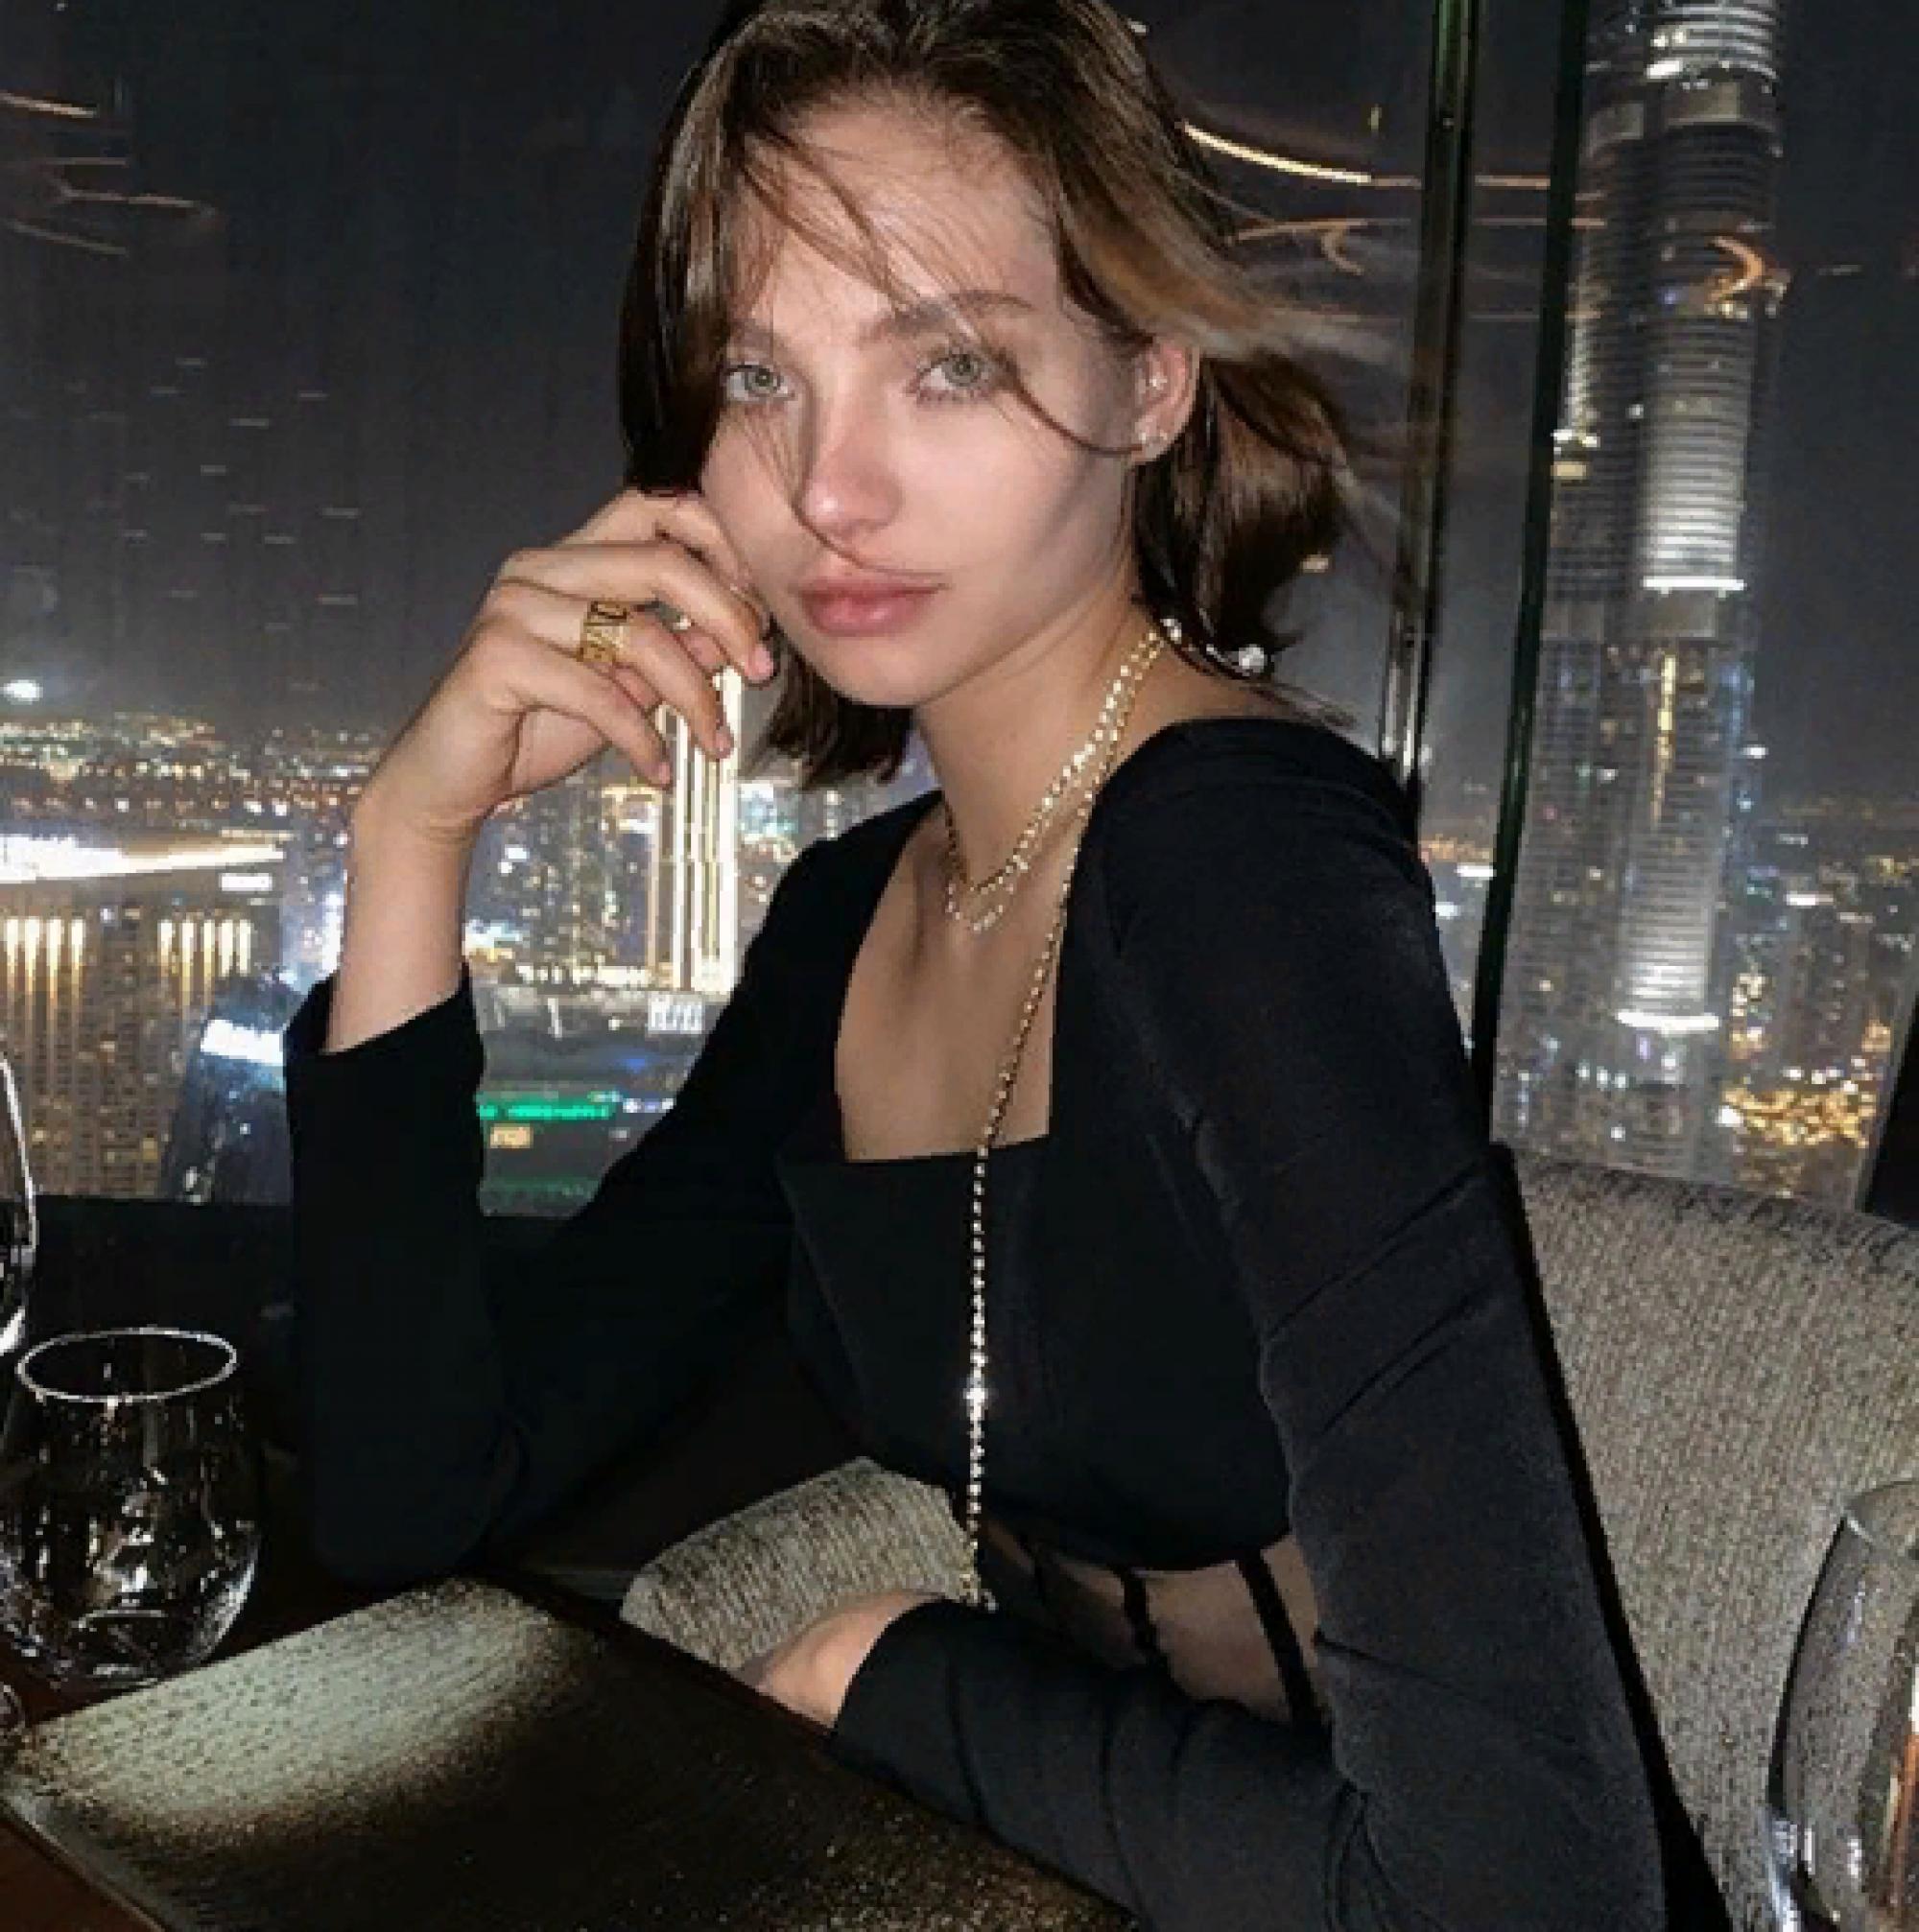 «Пляжный сезон не закрываем»: Алеся Кафельникова опубликовала жаркое фото в бикини в Дубае